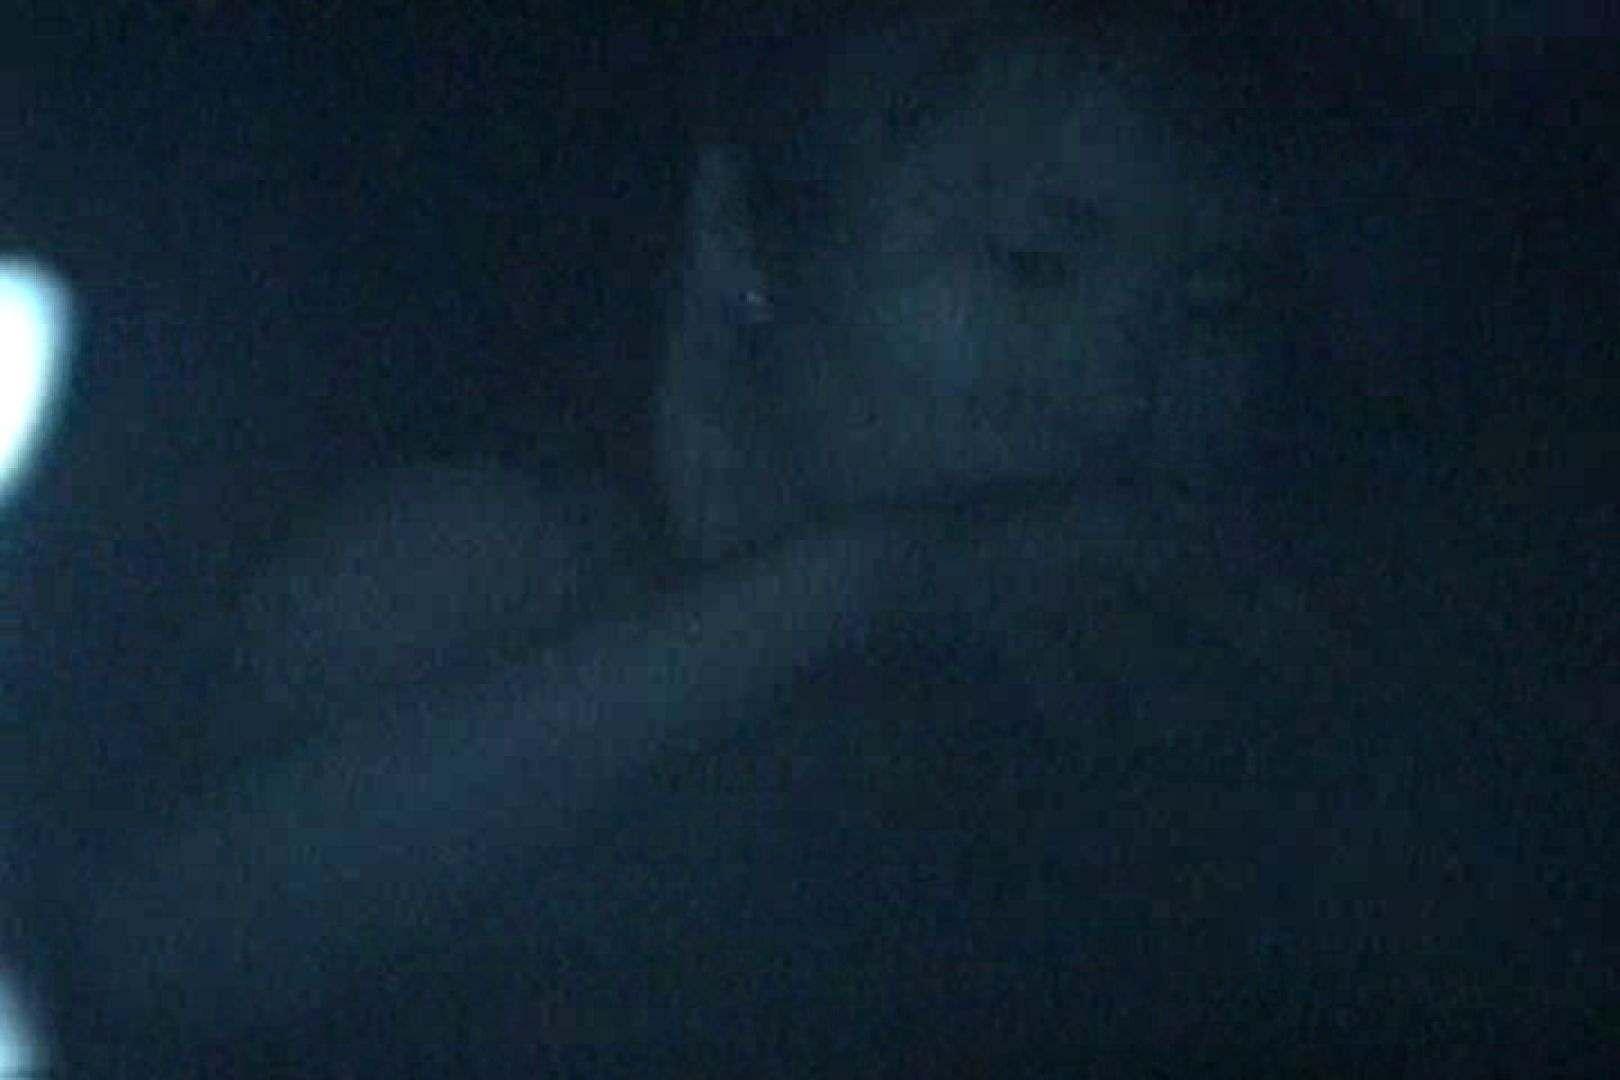 充血監督の深夜の運動会Vol.146 カップル盗撮  62画像 44